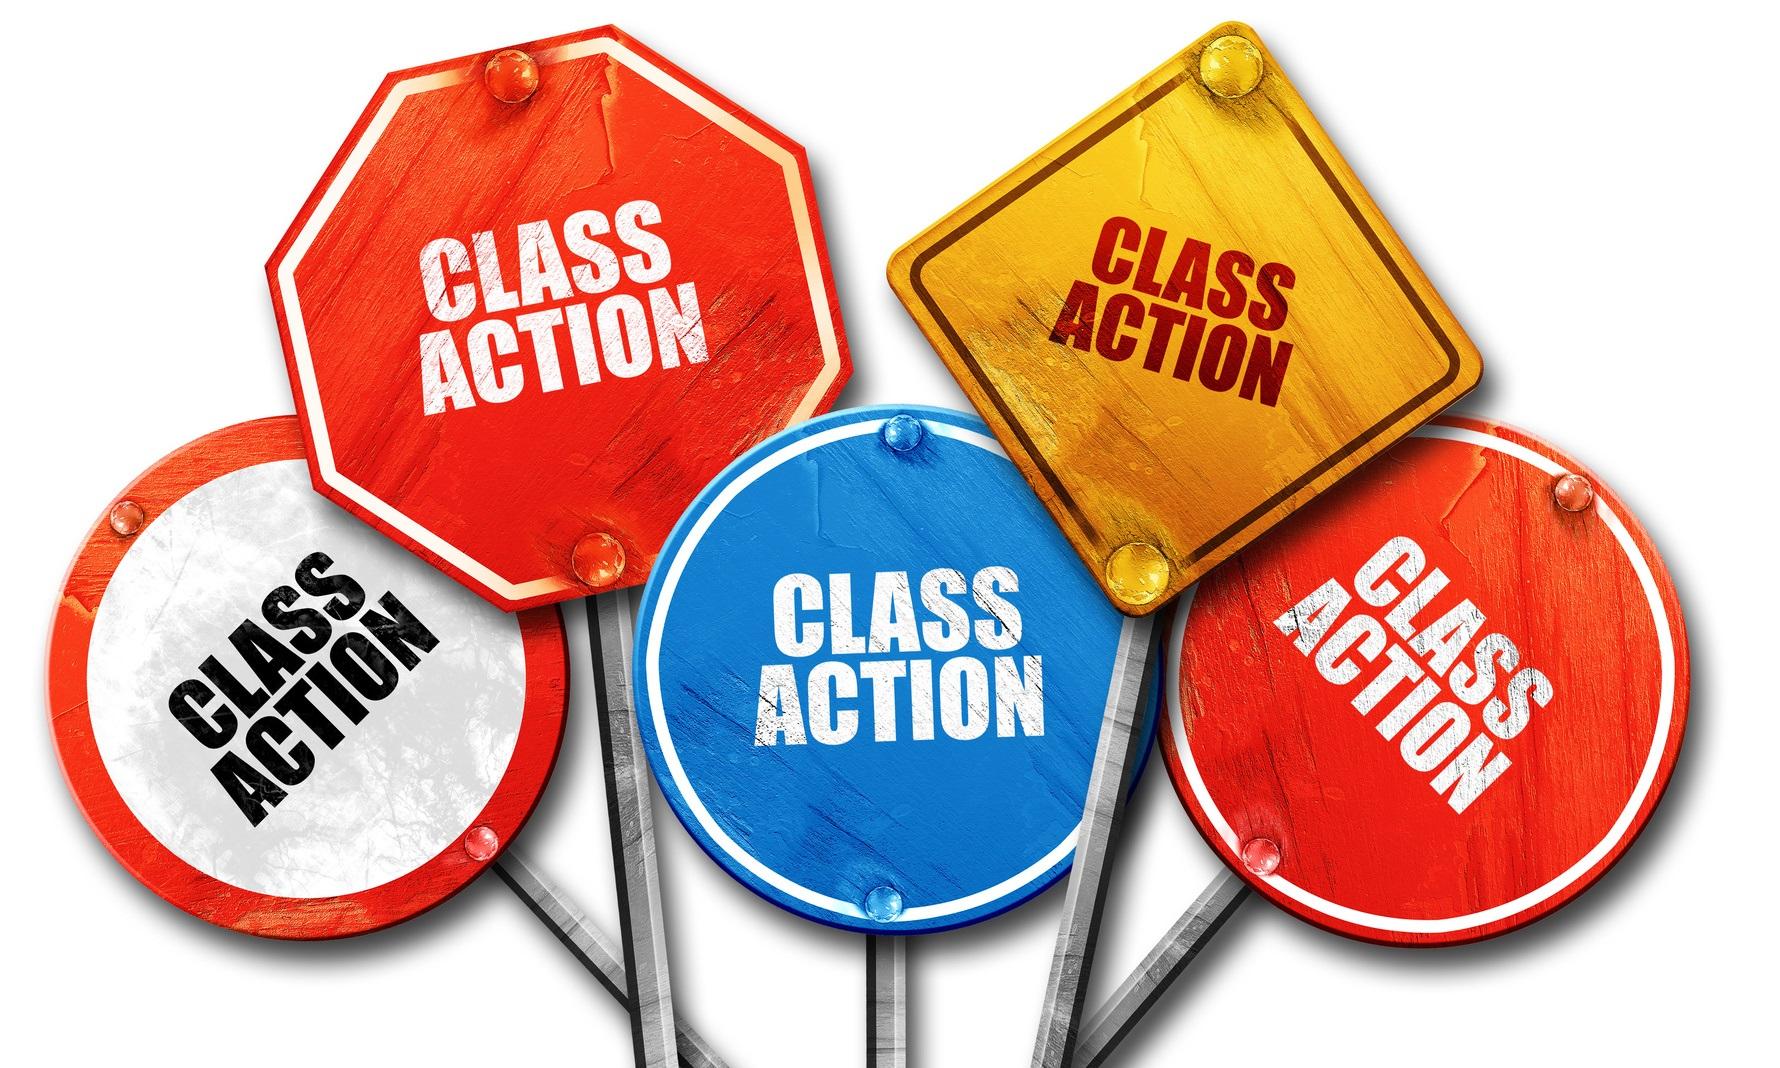 Class Certification Susan Mangiero Phd Aifa Cfa Cfe Frm Ppc